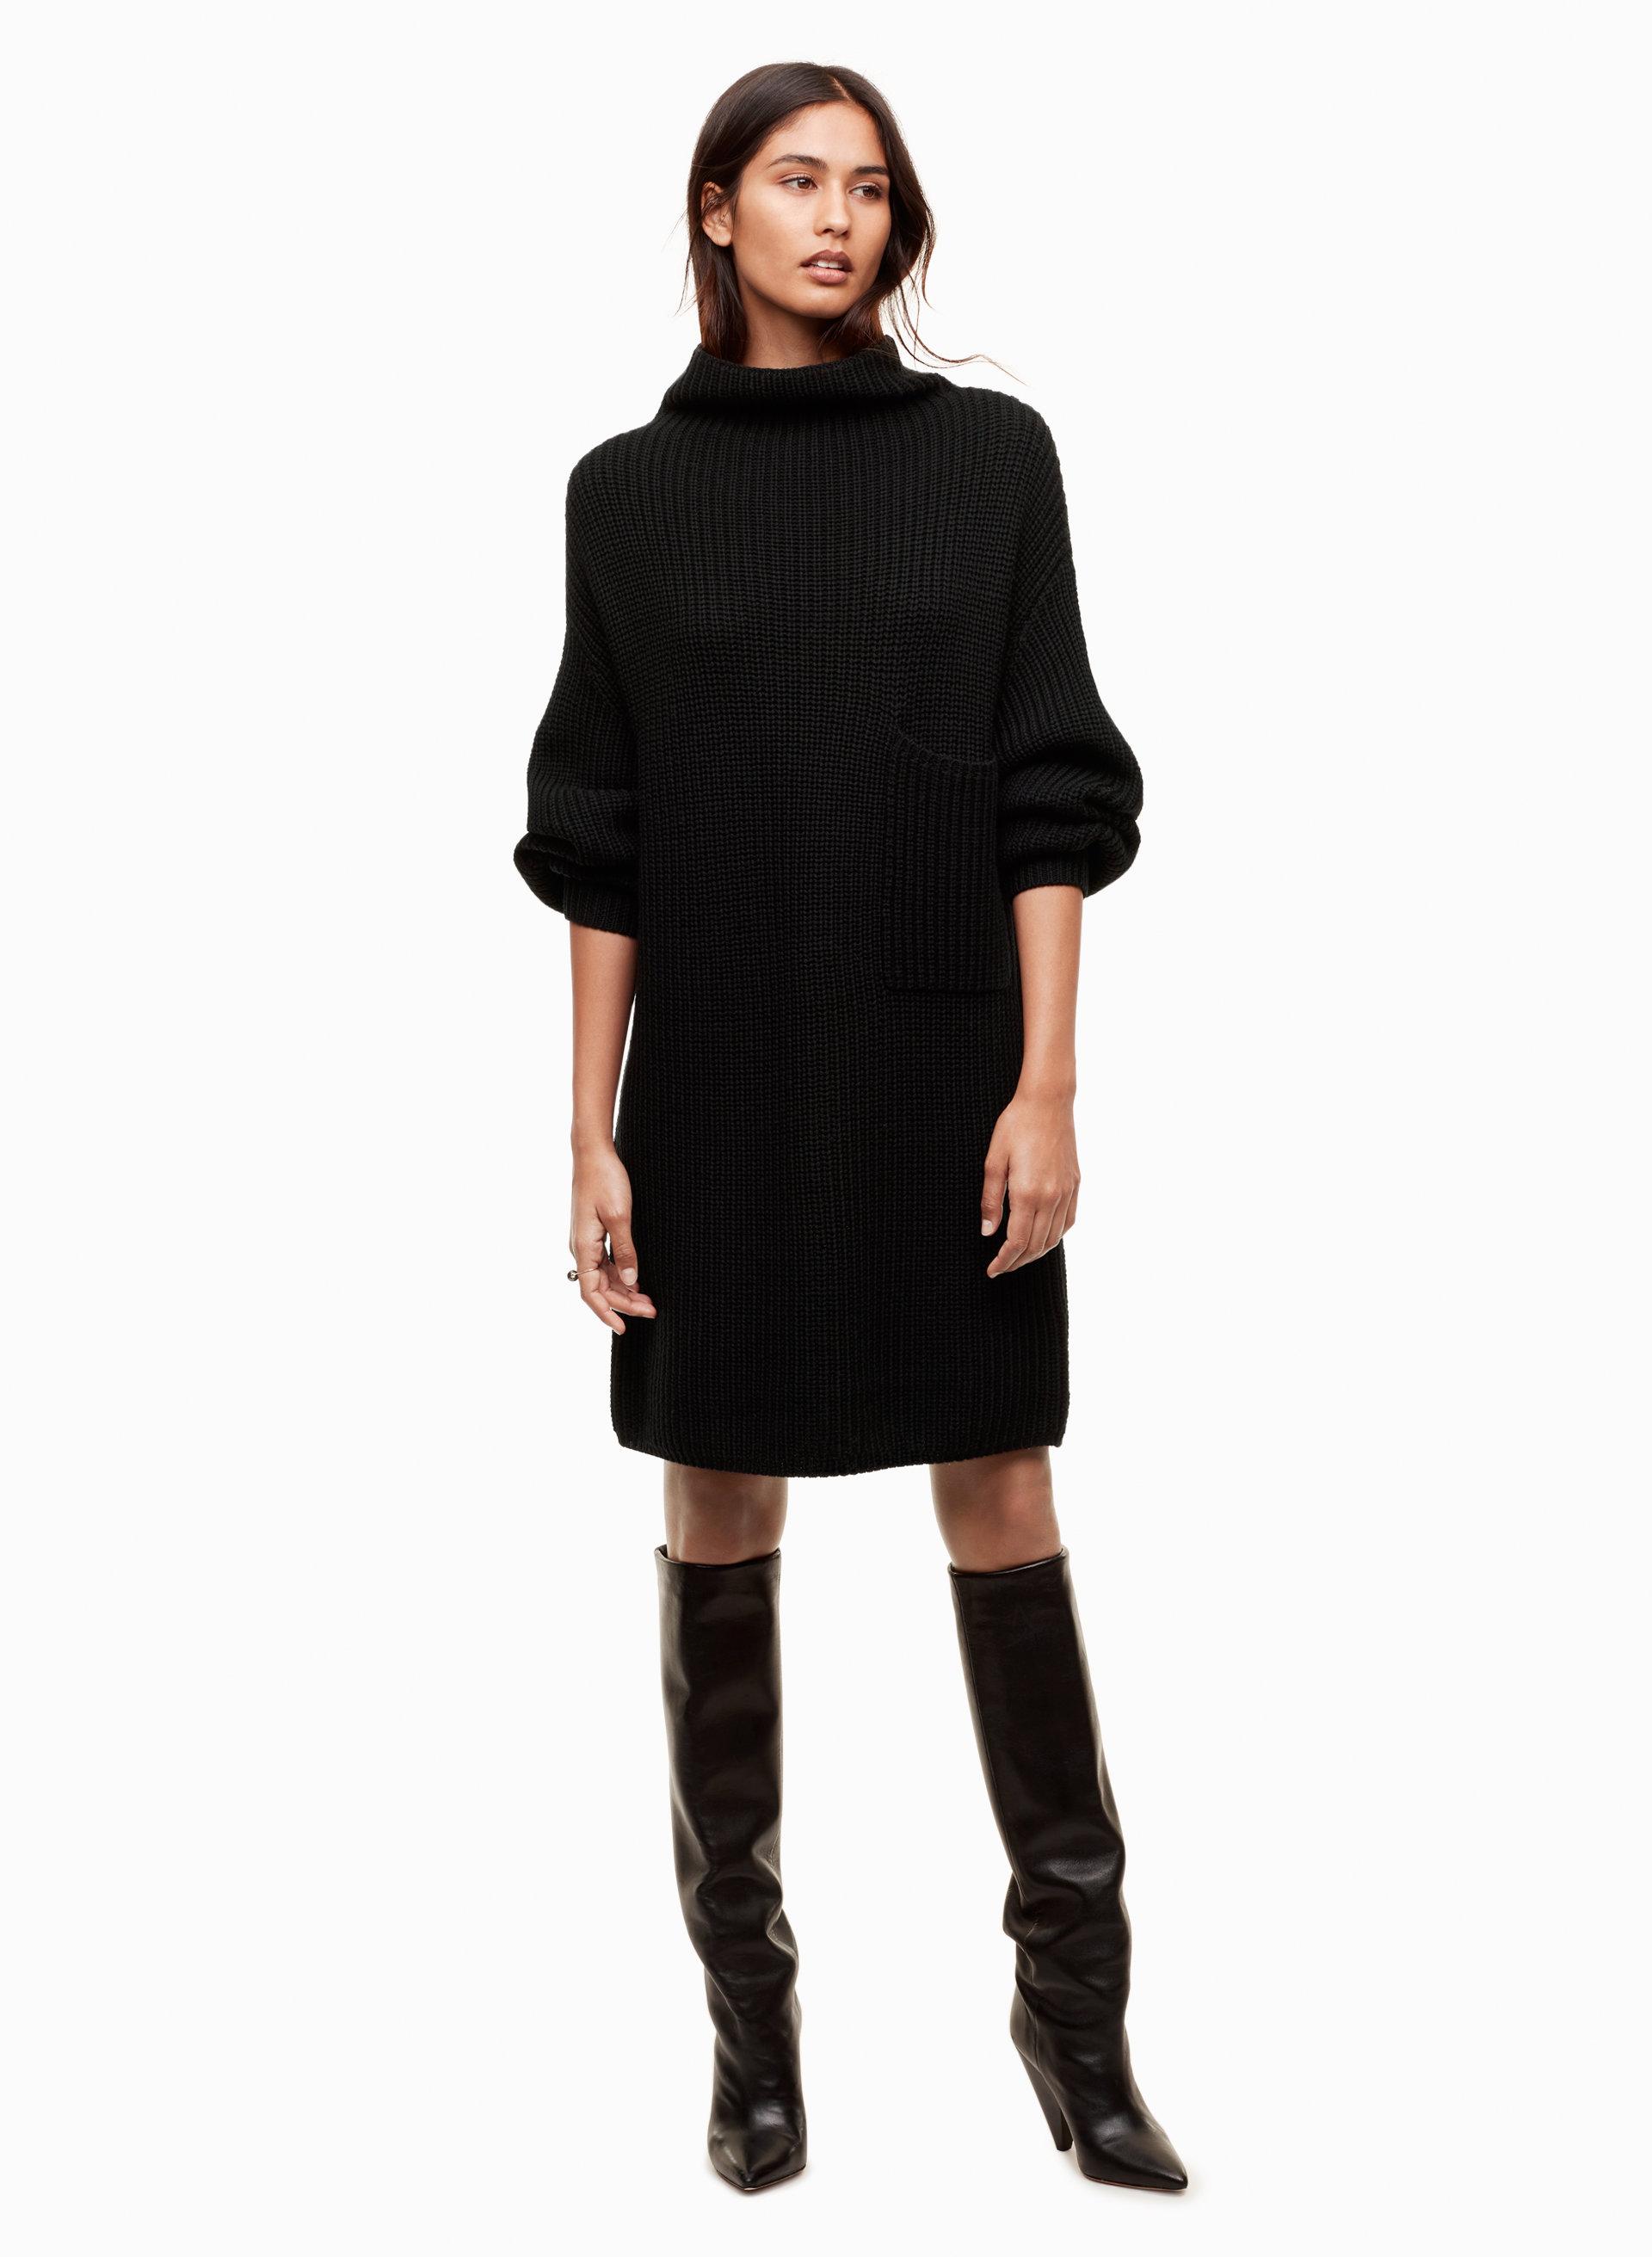 Wool Sweater LBD